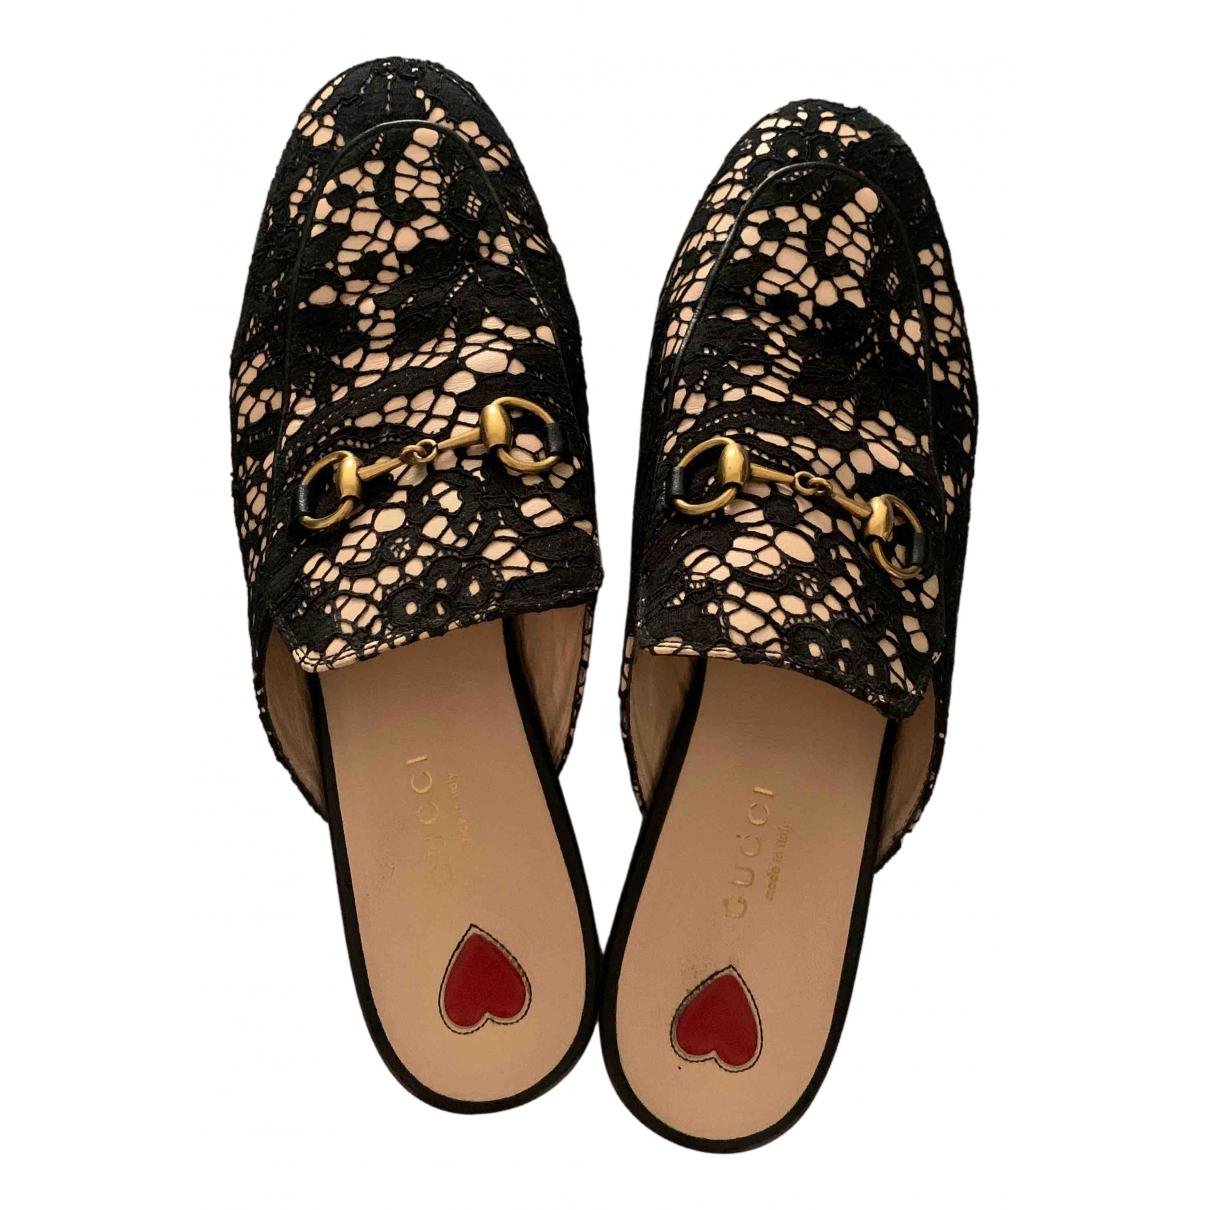 Gucci Princetown Black Fur Flats for Women 37.5 EU